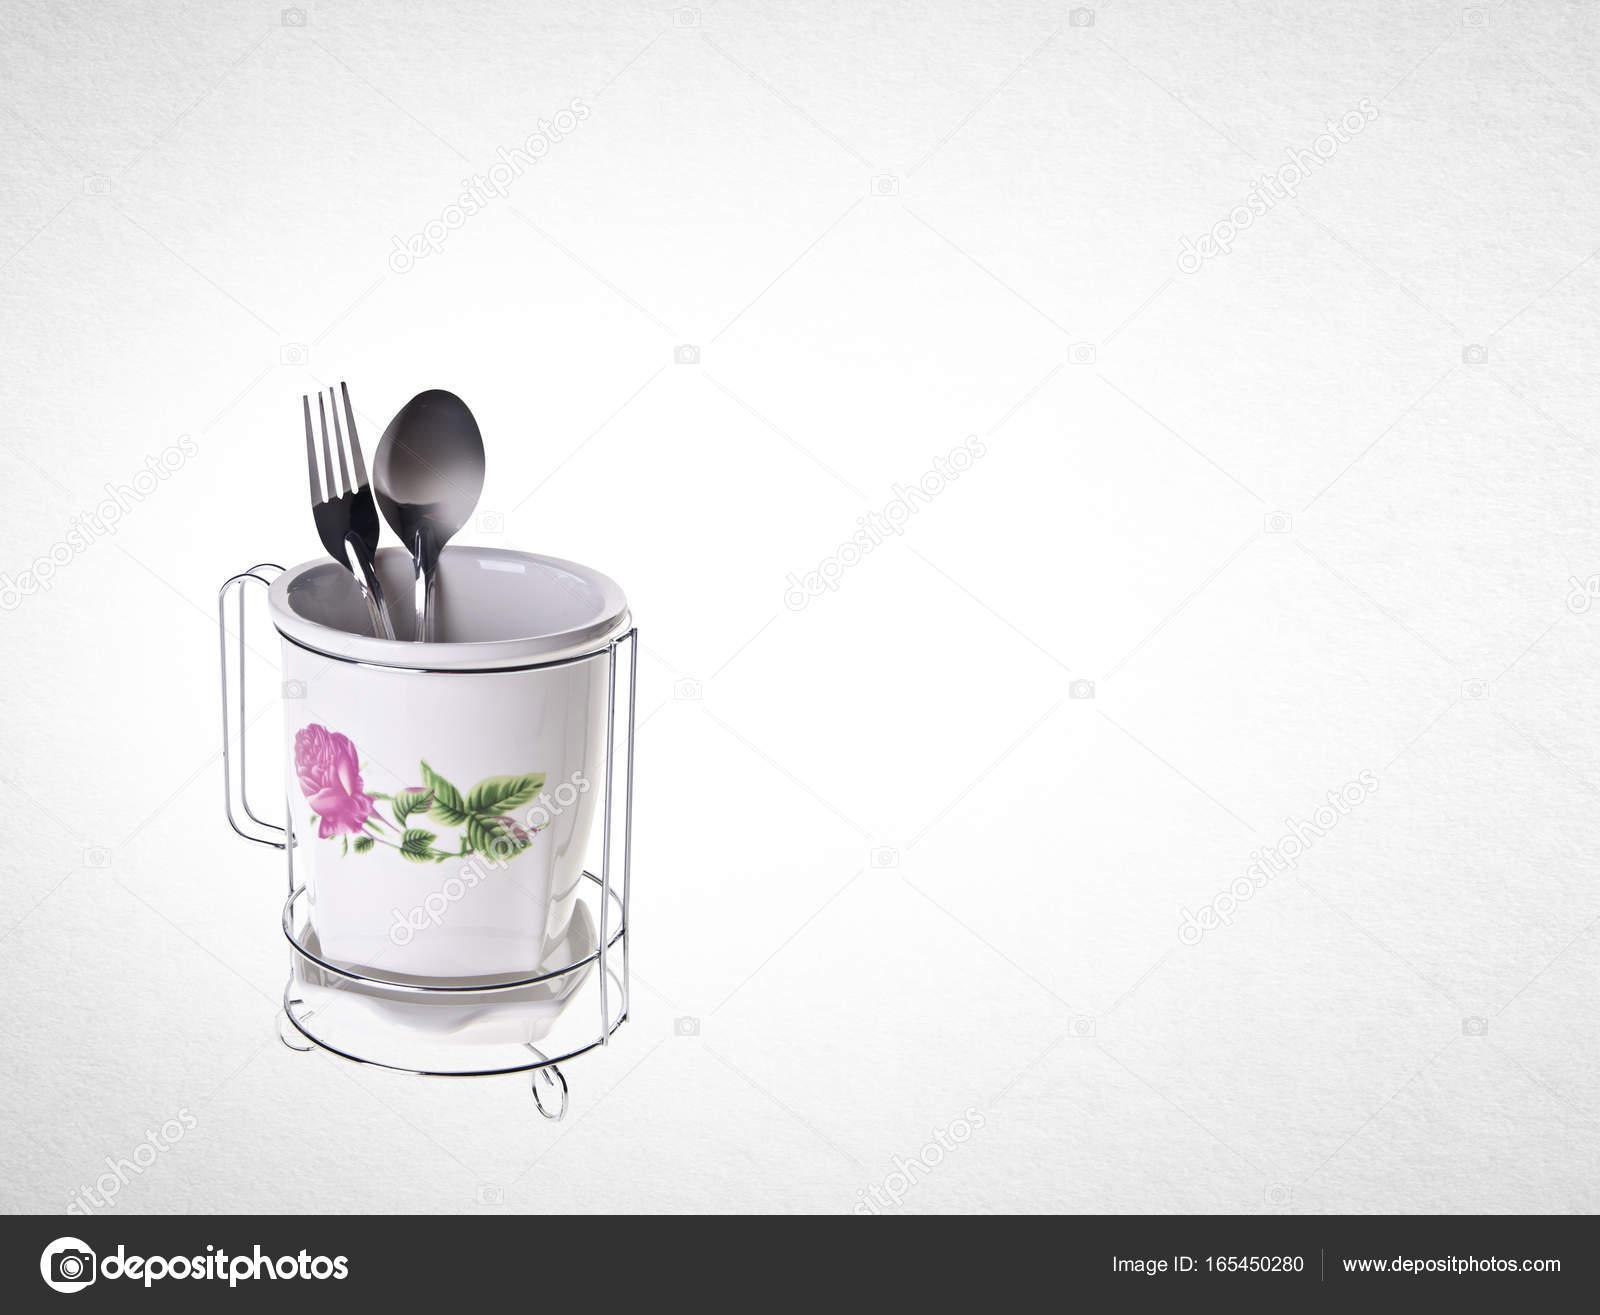 utensili da cucina o utensili da cucina di alta qualità su priorità ...